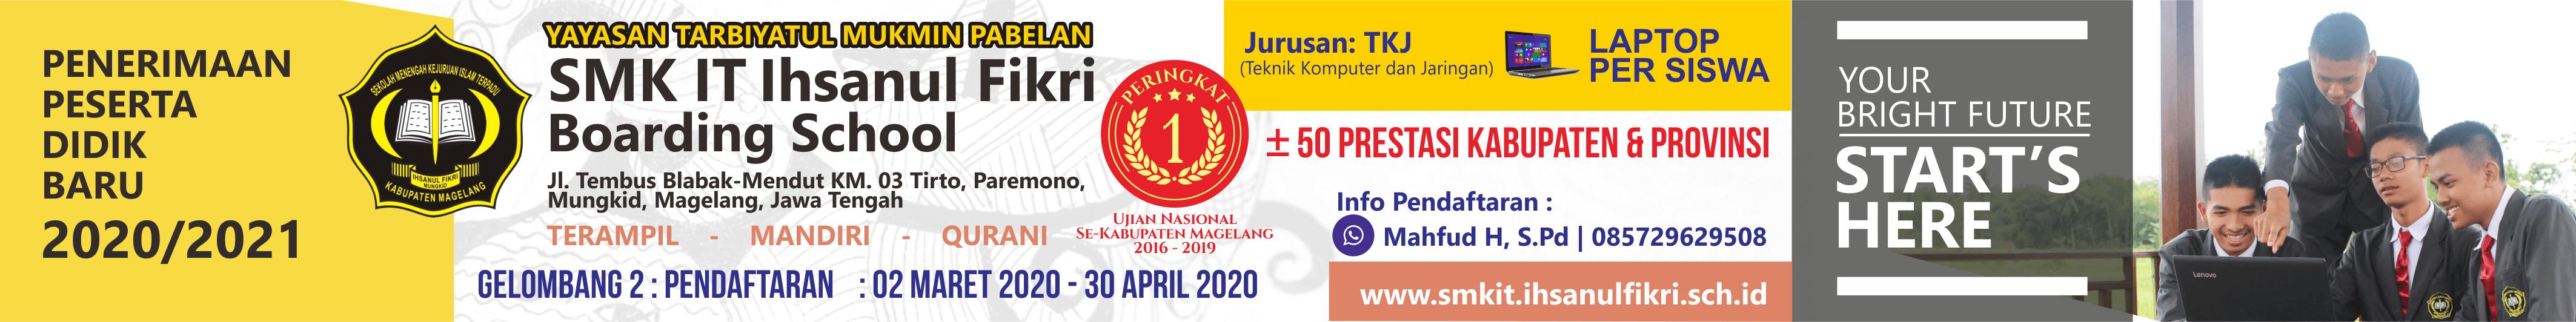 Lowongan Cpns 2019 Diumumkan Oktober Skd Skb Tahun 2020 Siedoo